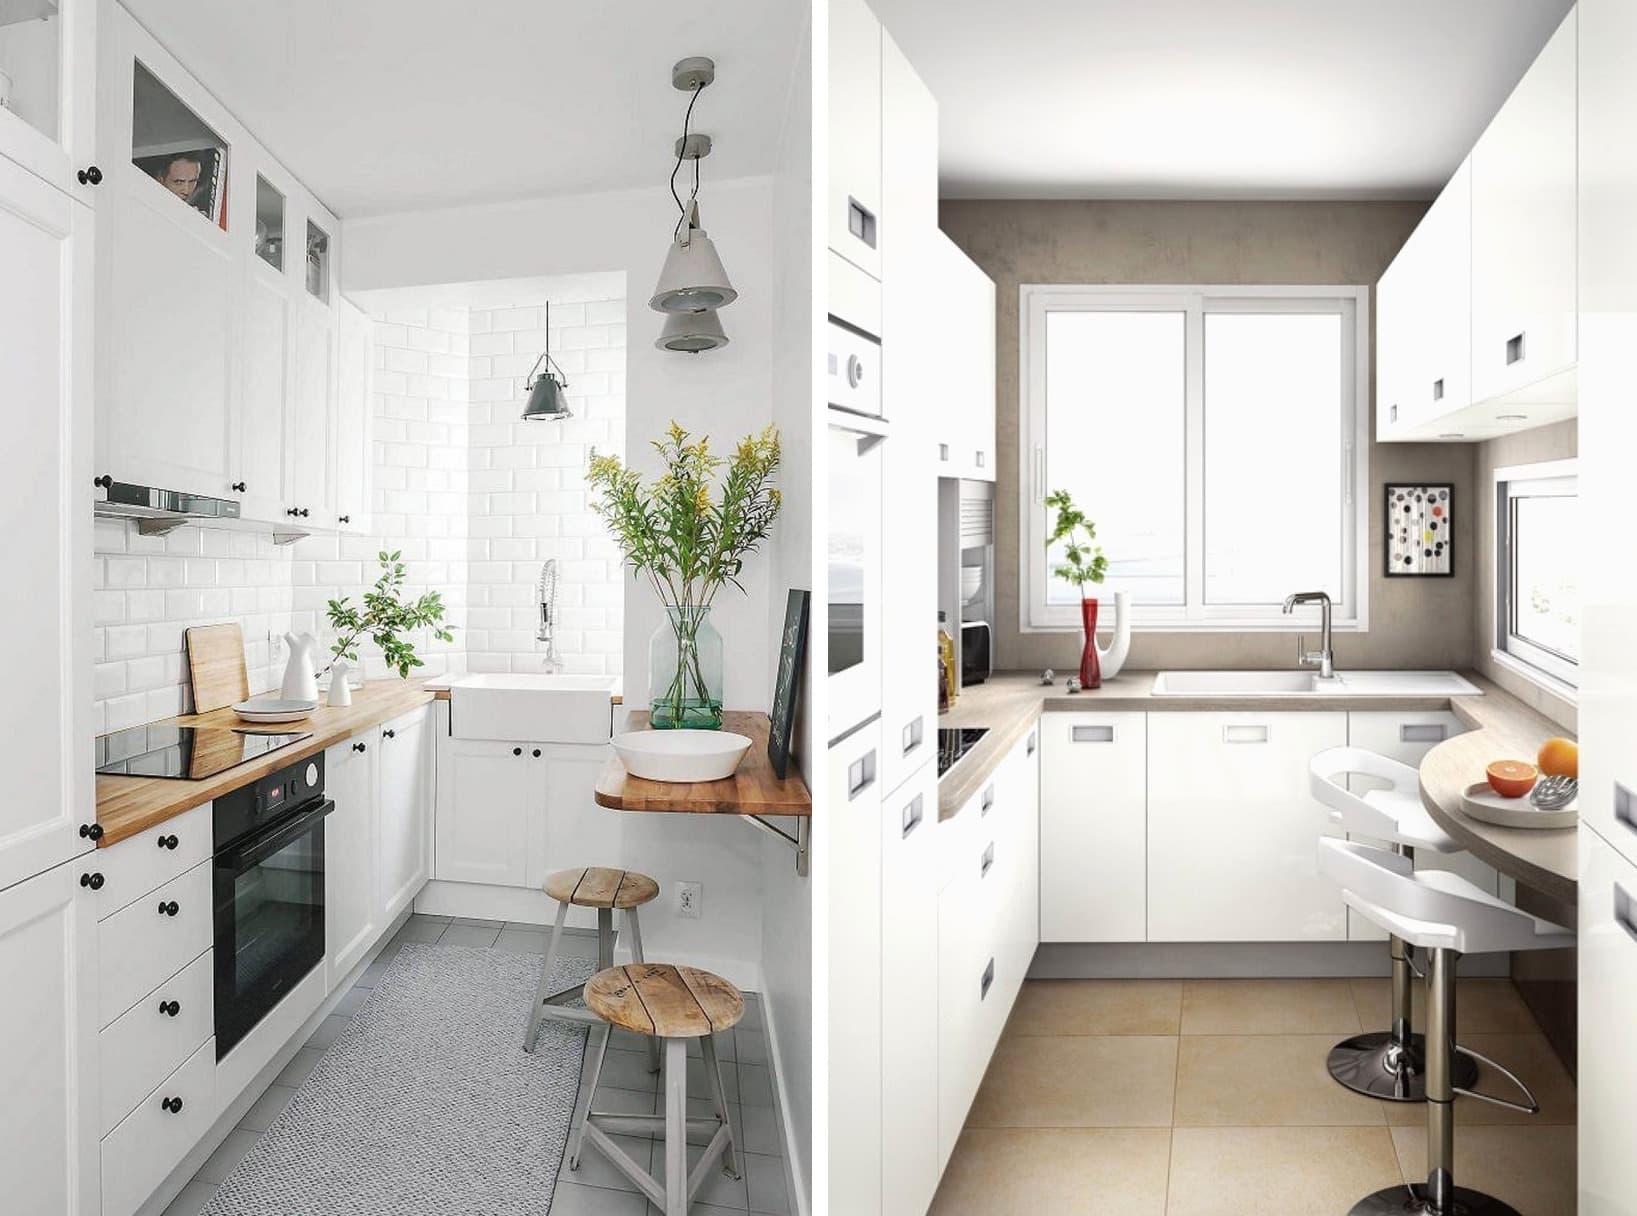 Интерьер кухни в белом исполнении - простой и незамысловатый способ избежать ощущения чрезмерно загруженного пространства